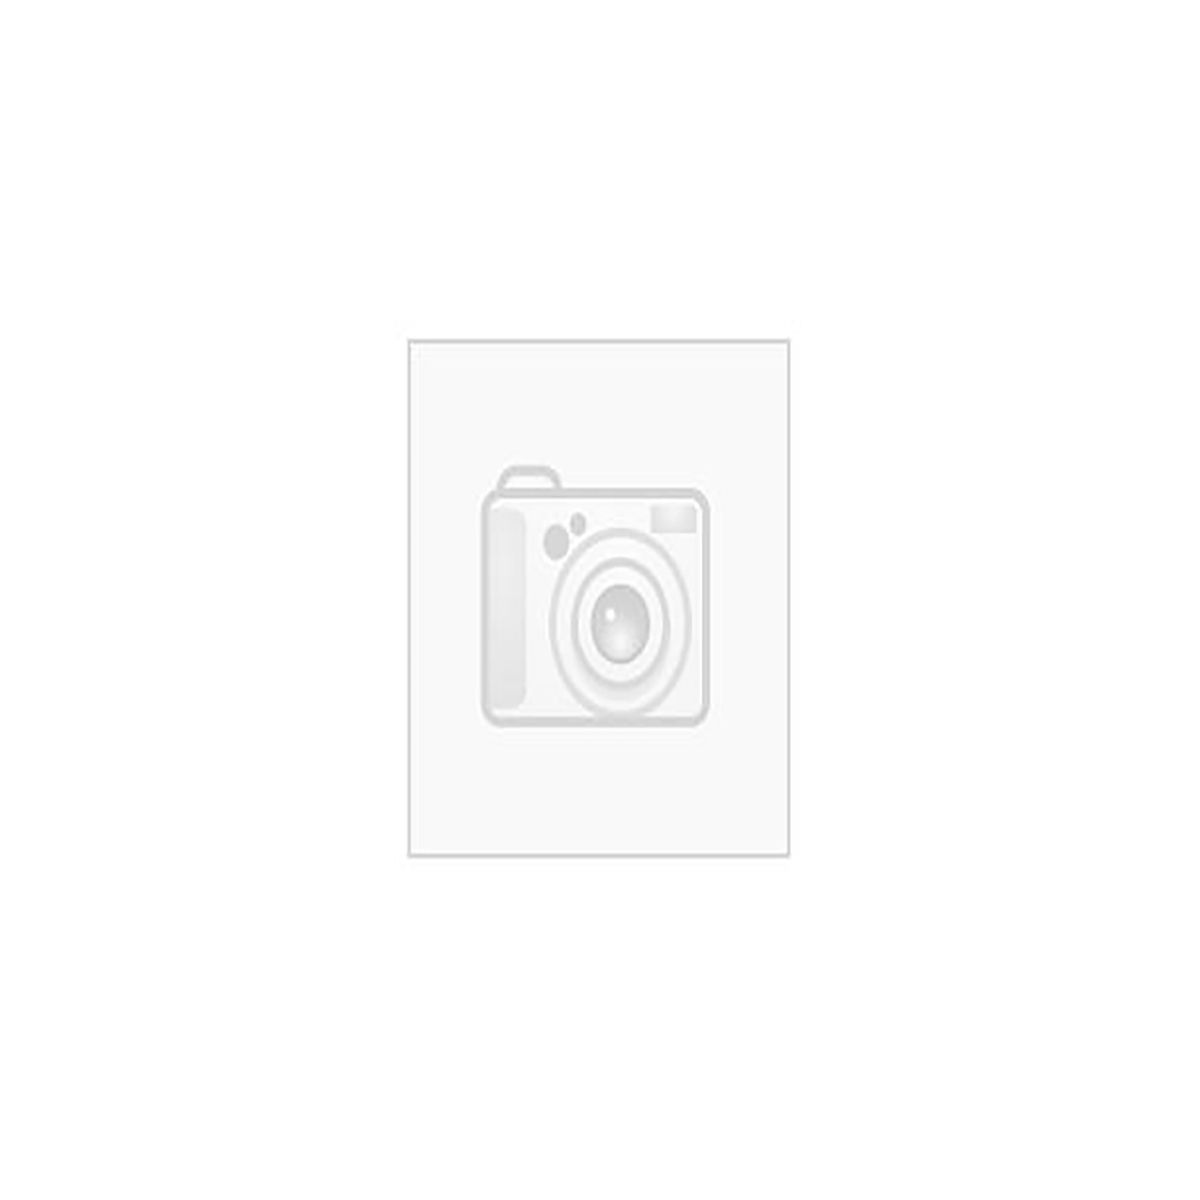 Strømberg - DELTA BADEKAR Med Carronite™ / STANDARD